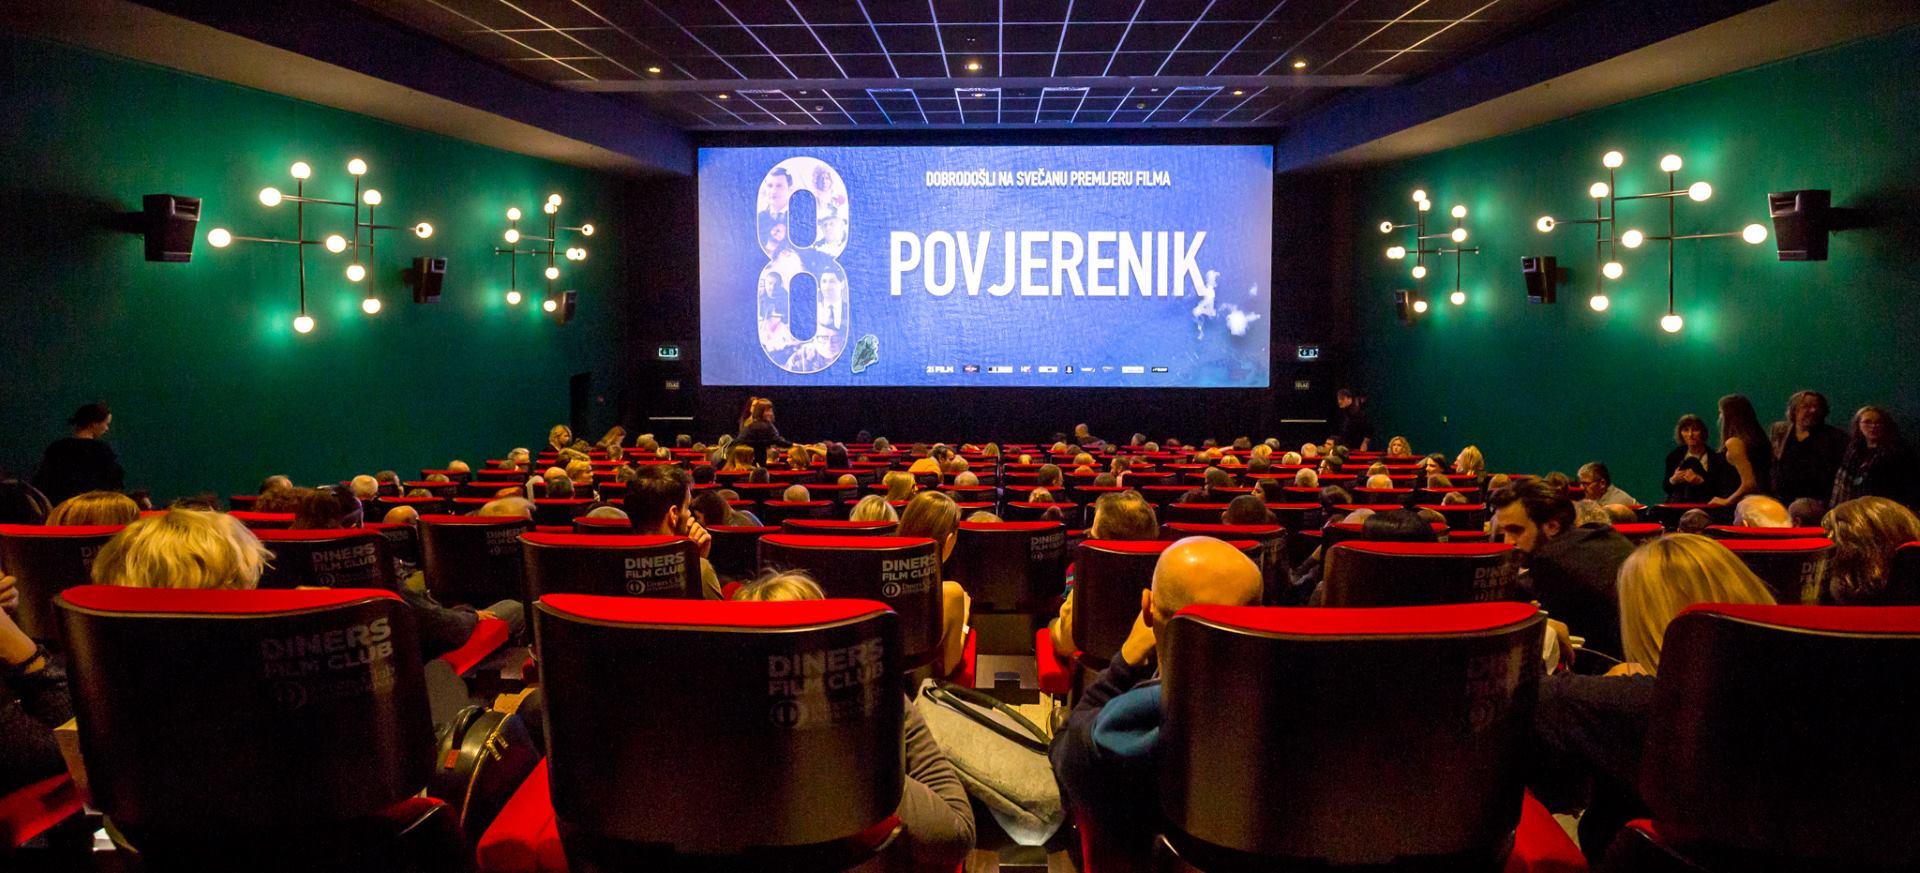 FOTO: VIDEO: Film 'Osmi povjerenik' oduševio zagrebačku publiku i počinje s prikazivanjem u kinima